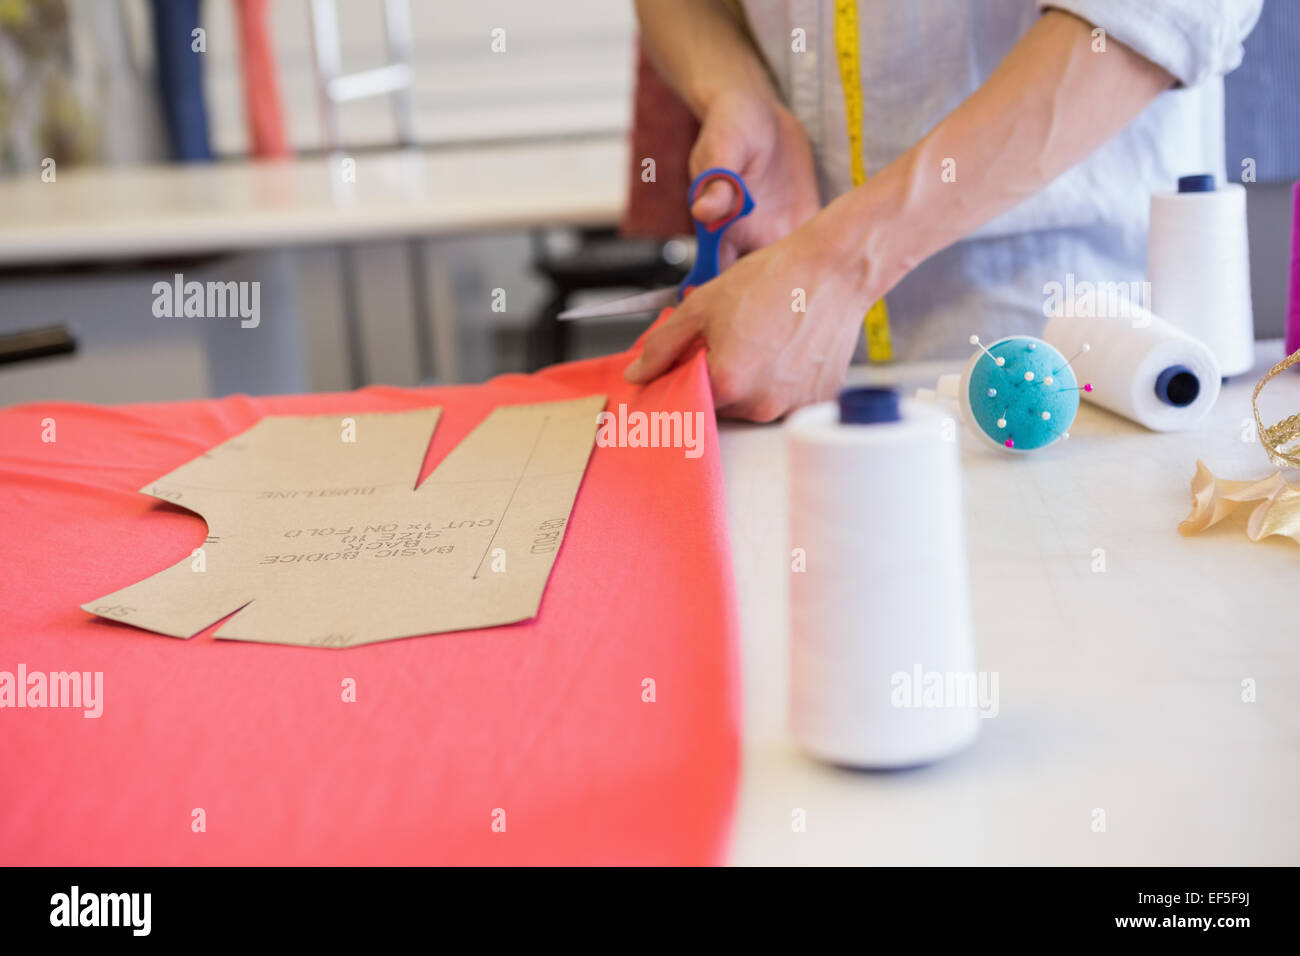 Studente il taglio di tessuto con un paio di forbici Immagini Stock